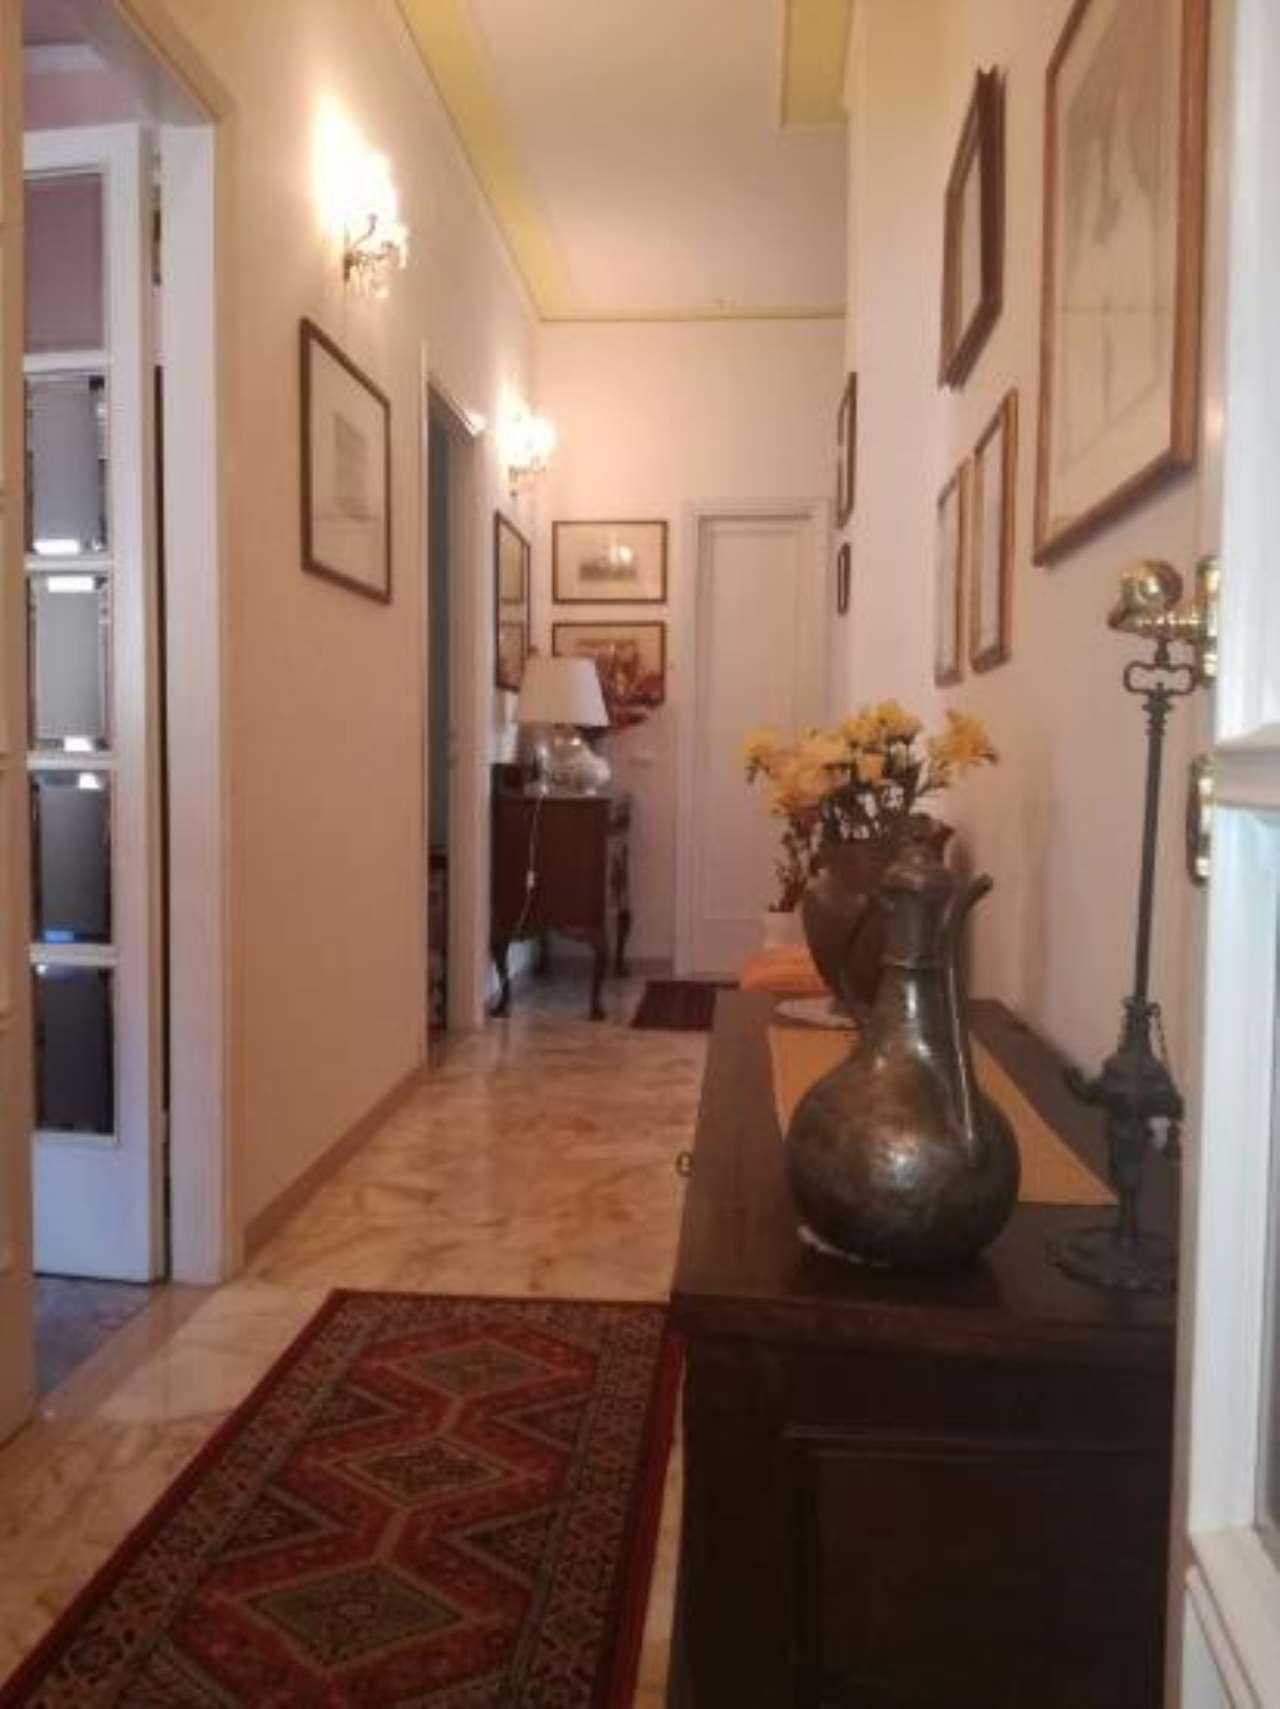 Appartamento 5 locali in vendita a Firenze (FI)